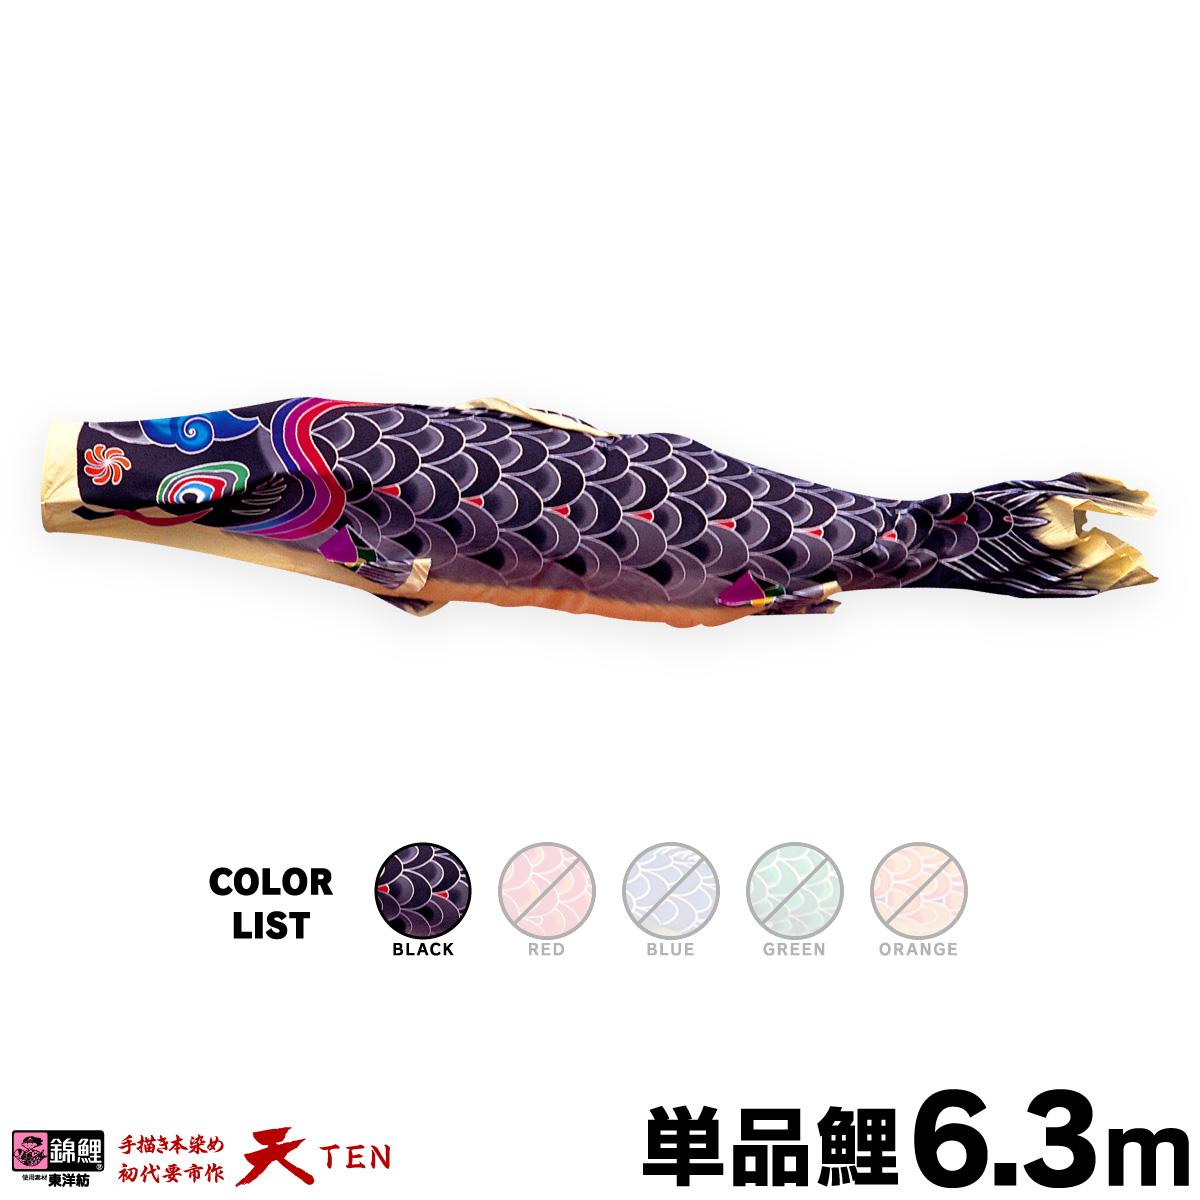 【こいのぼり 単品】 天 6.3m 単品鯉 黒